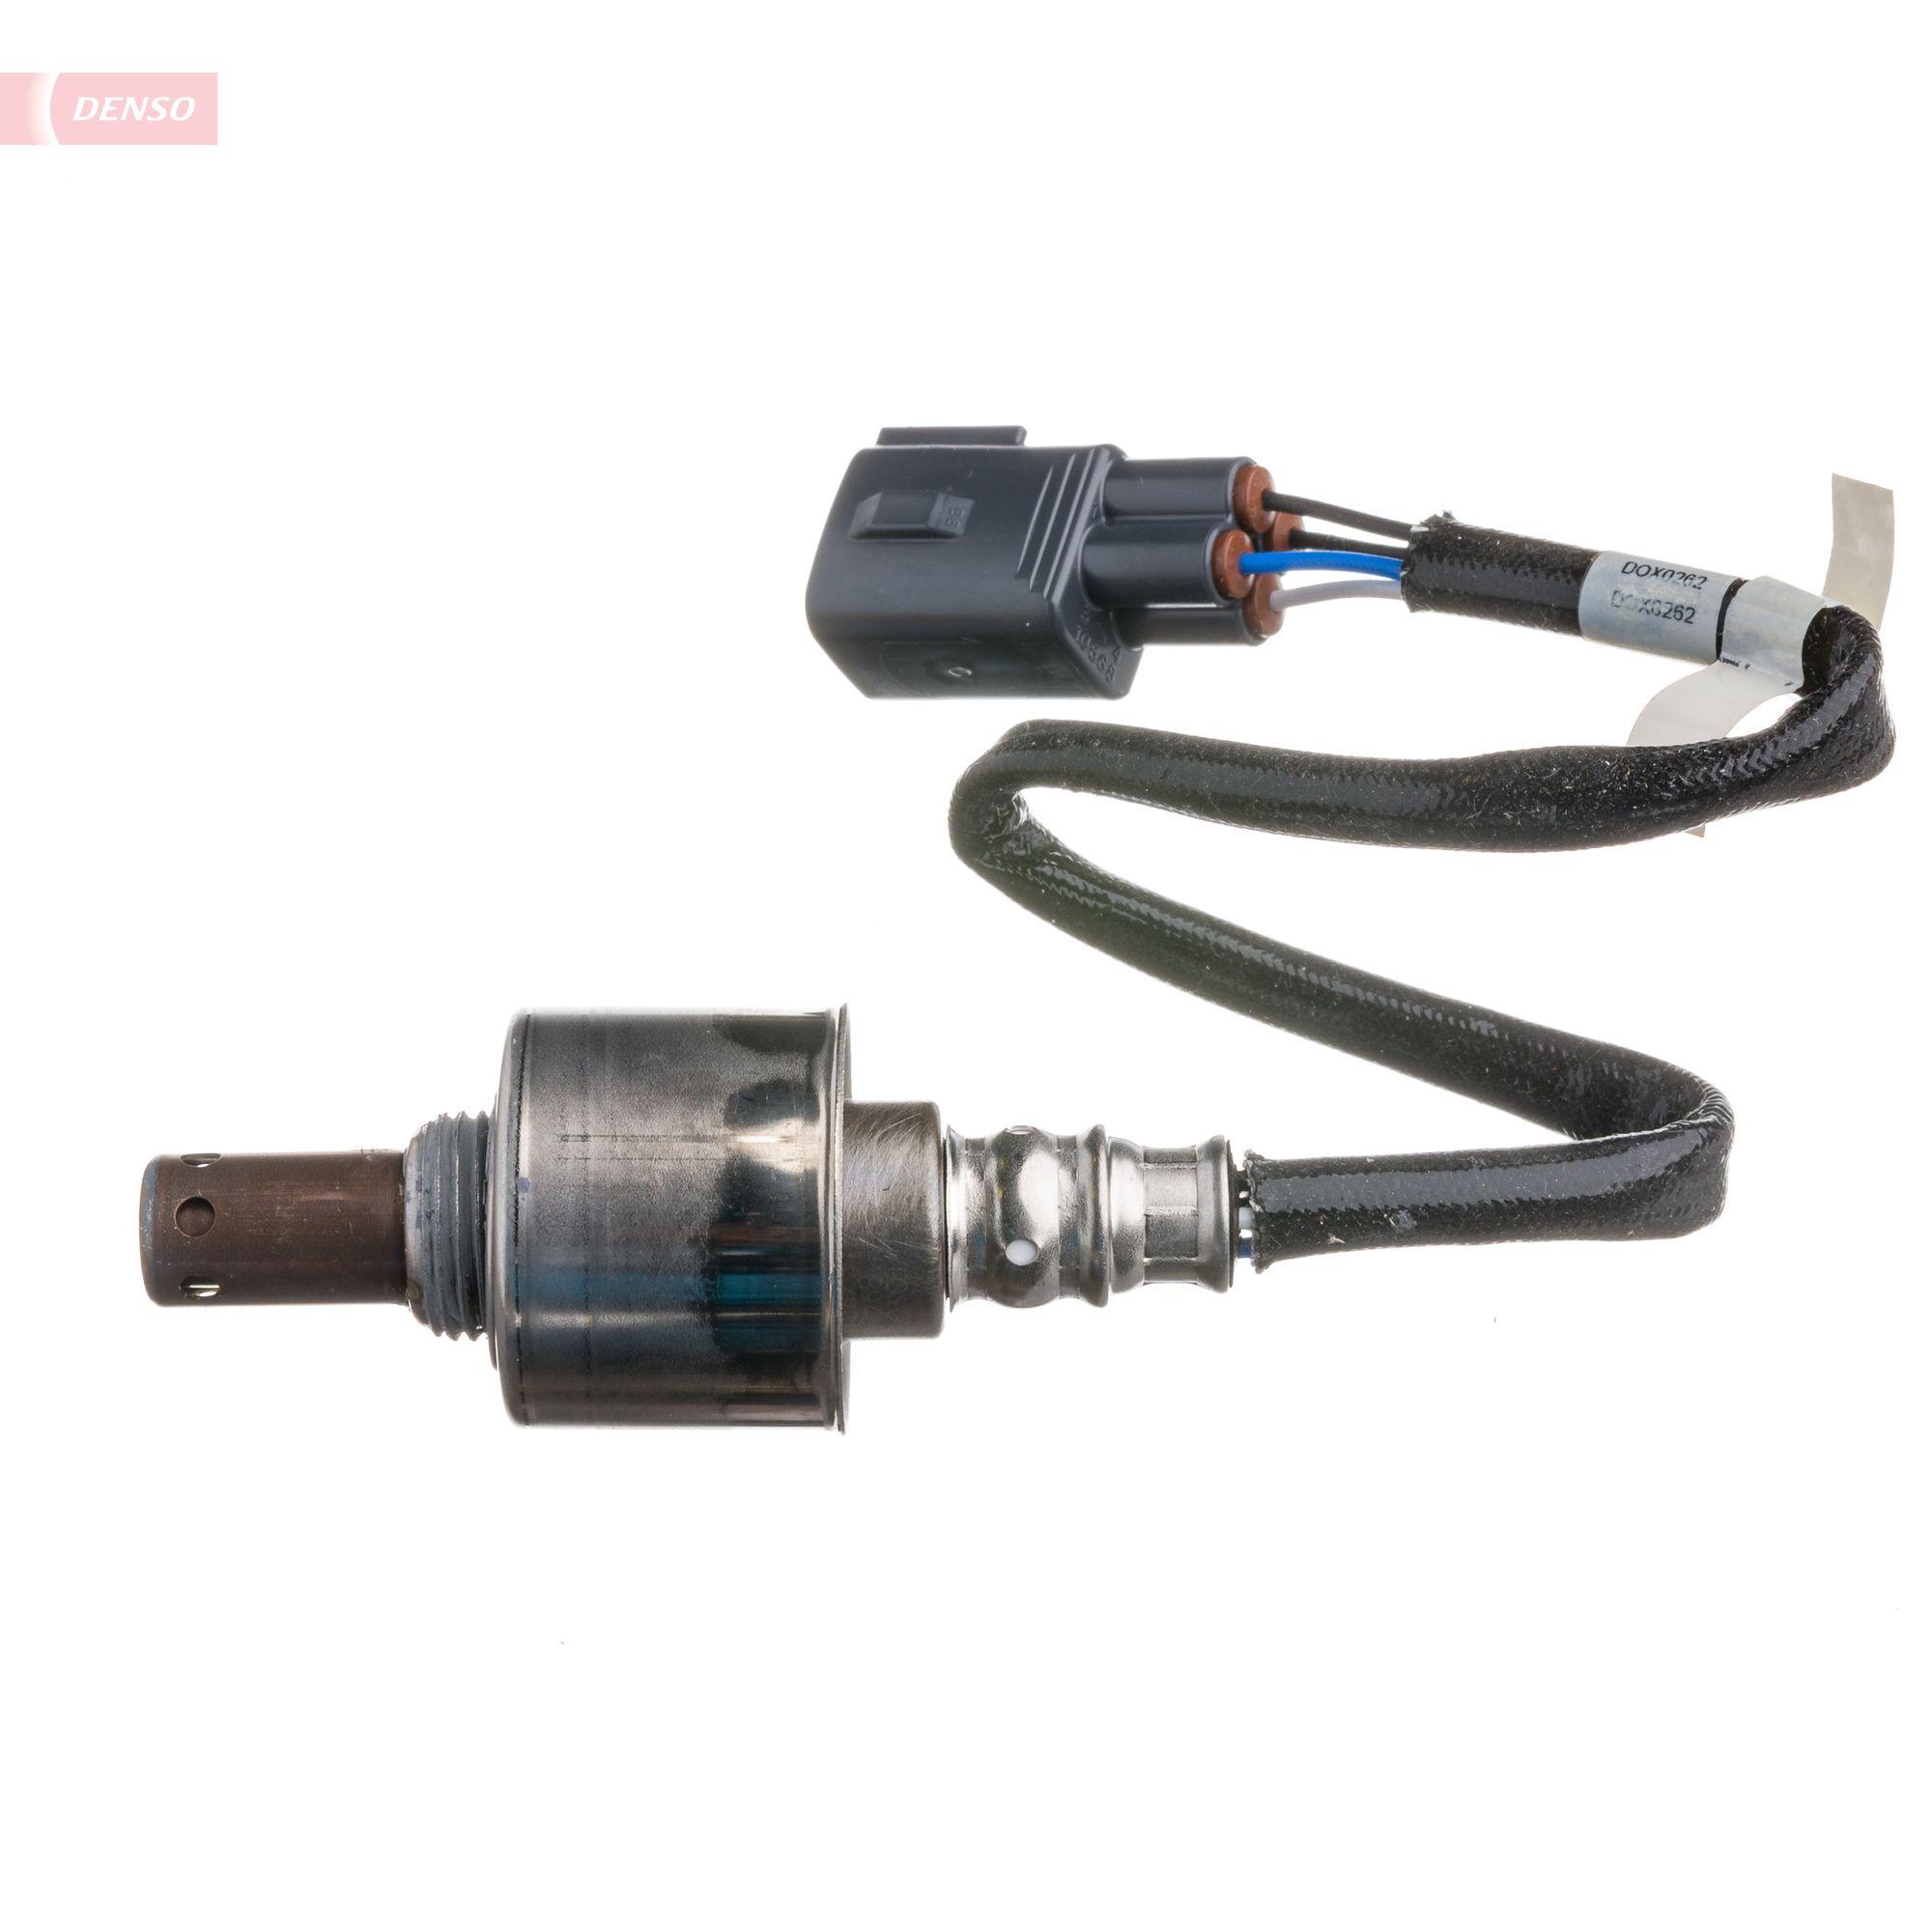 Αισθητήρας λάμδα DOX-0262 Αγοράστε - 24/7!